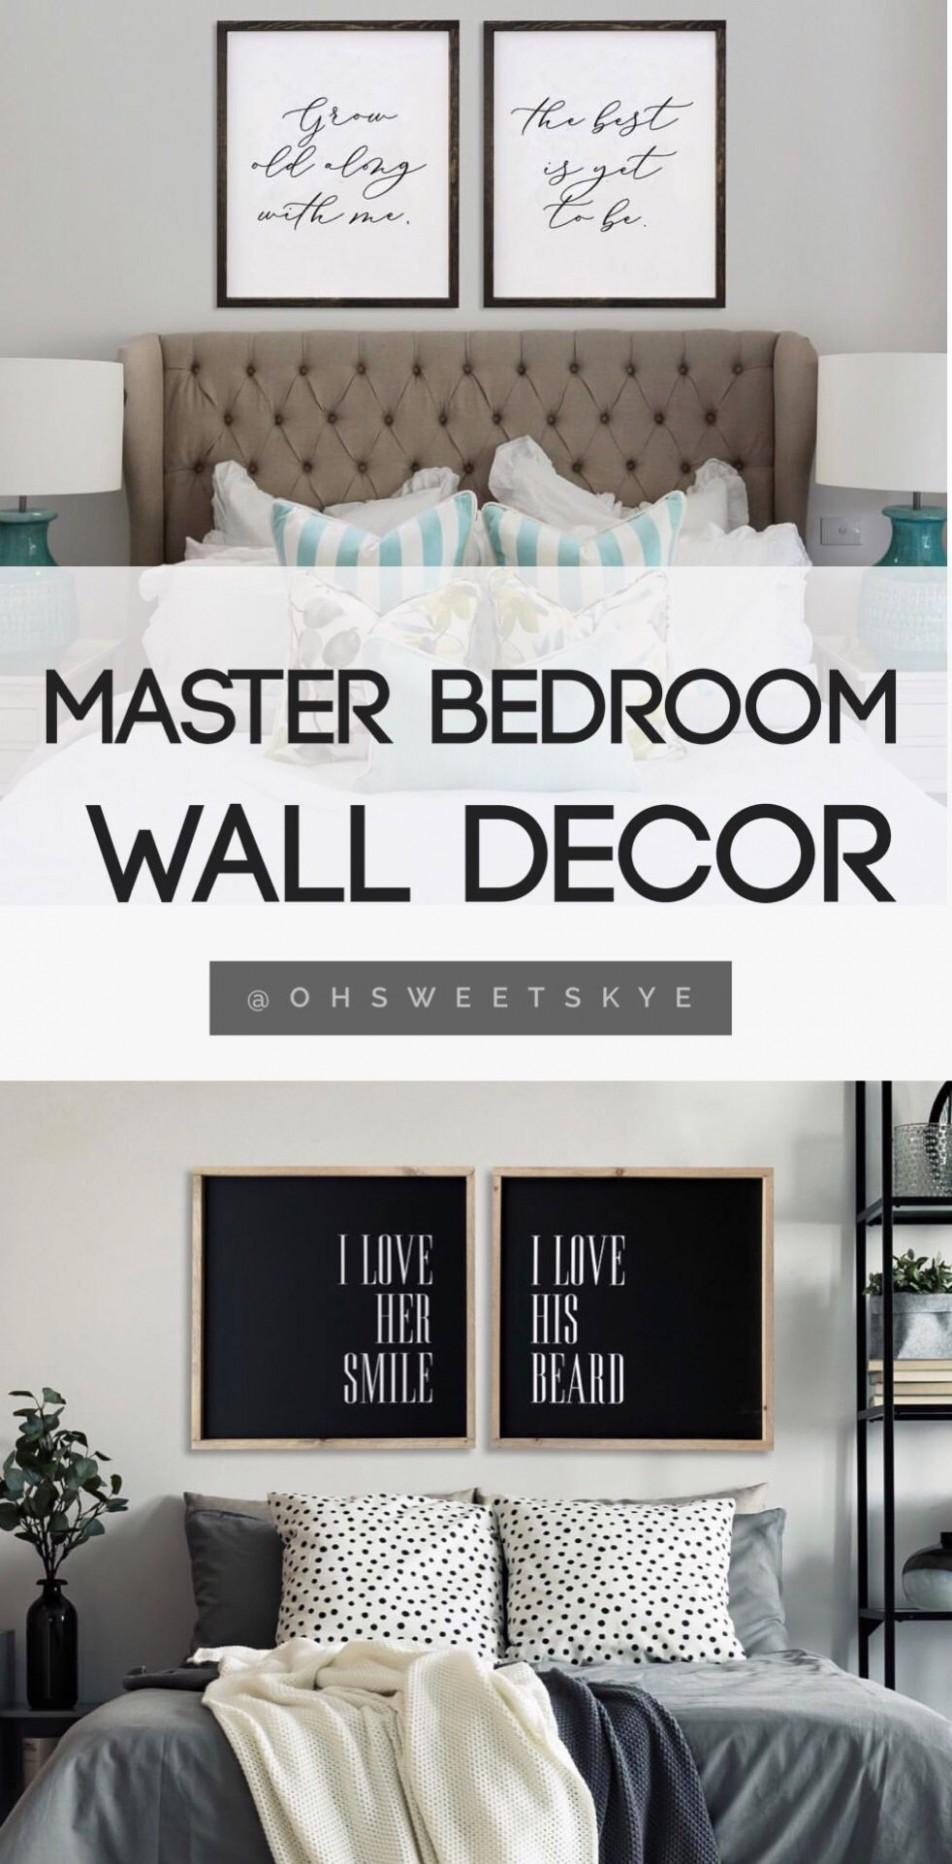 Master bedroom wall decor / master bedroom decoration ideas  - Wall Decor Ideas Master Bedroom